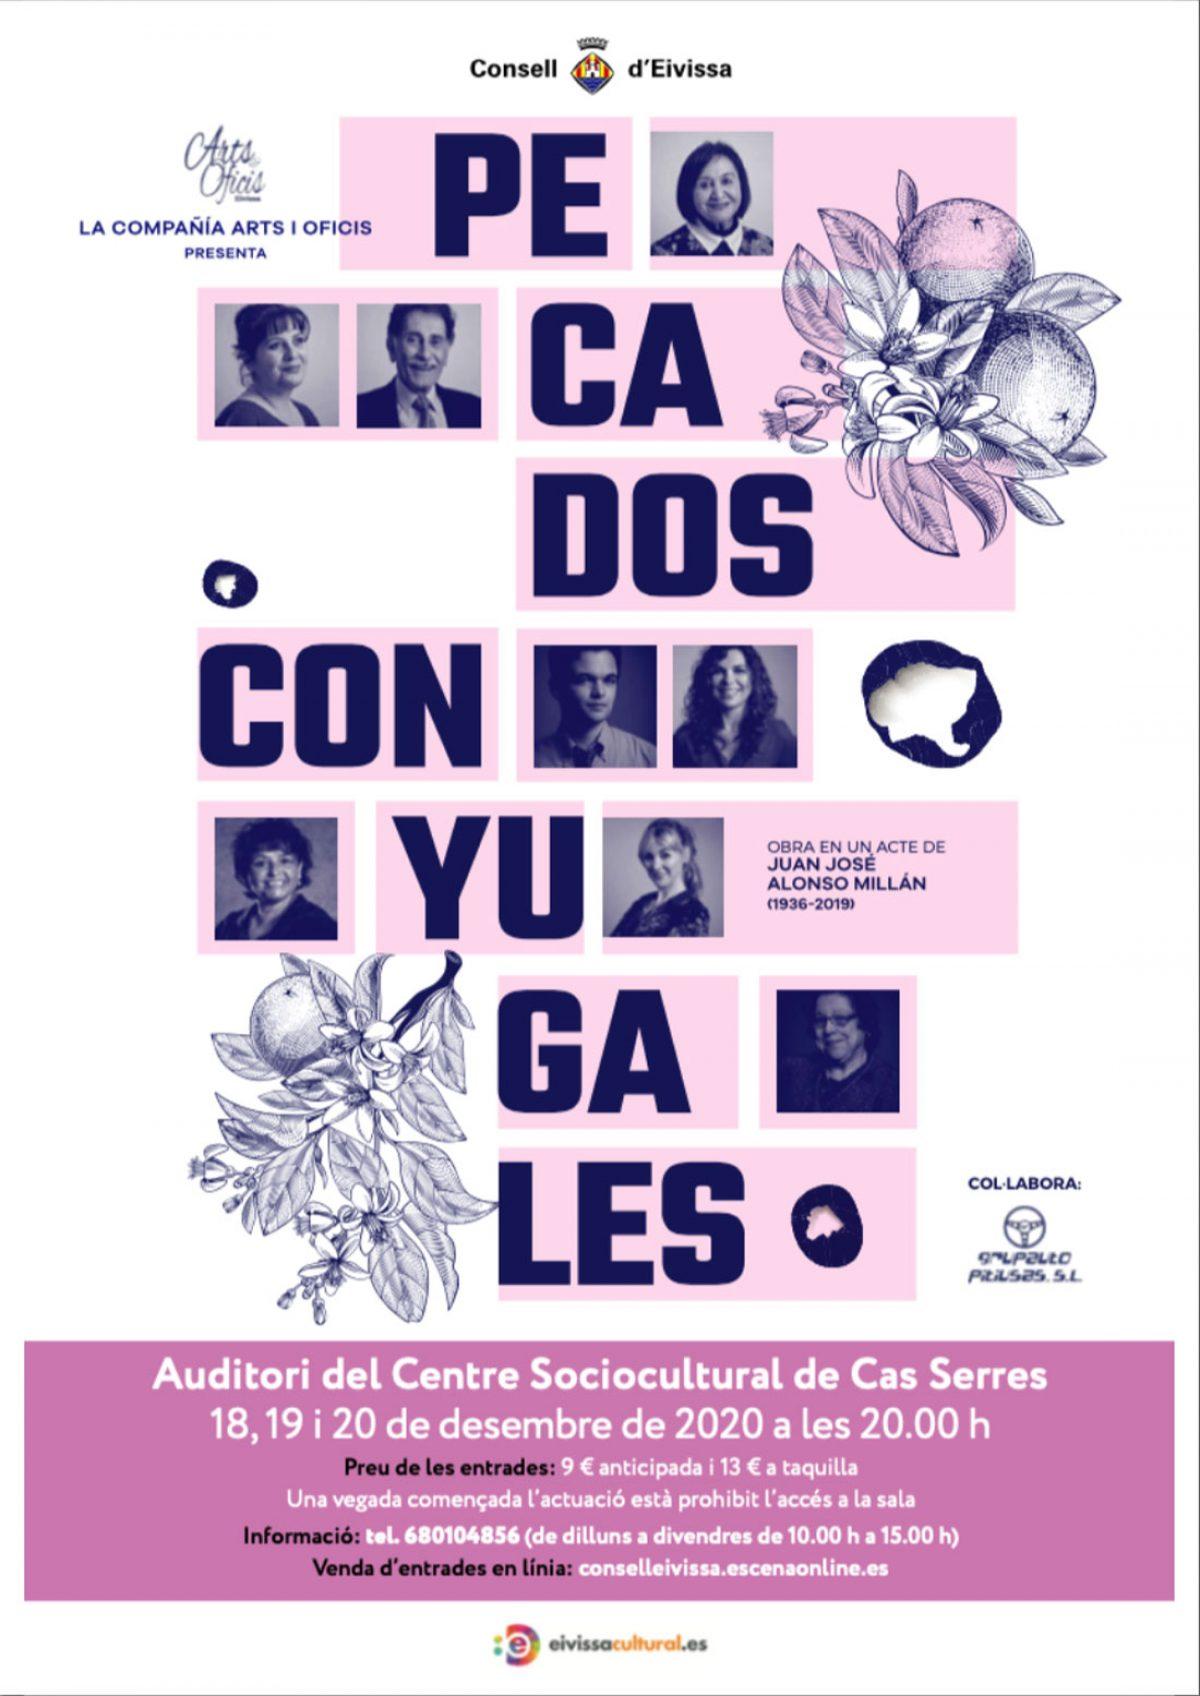 pecats-conjugals-compania-arts-i-oficis-ques-serres-Eivissa-2020-welcometoibiza